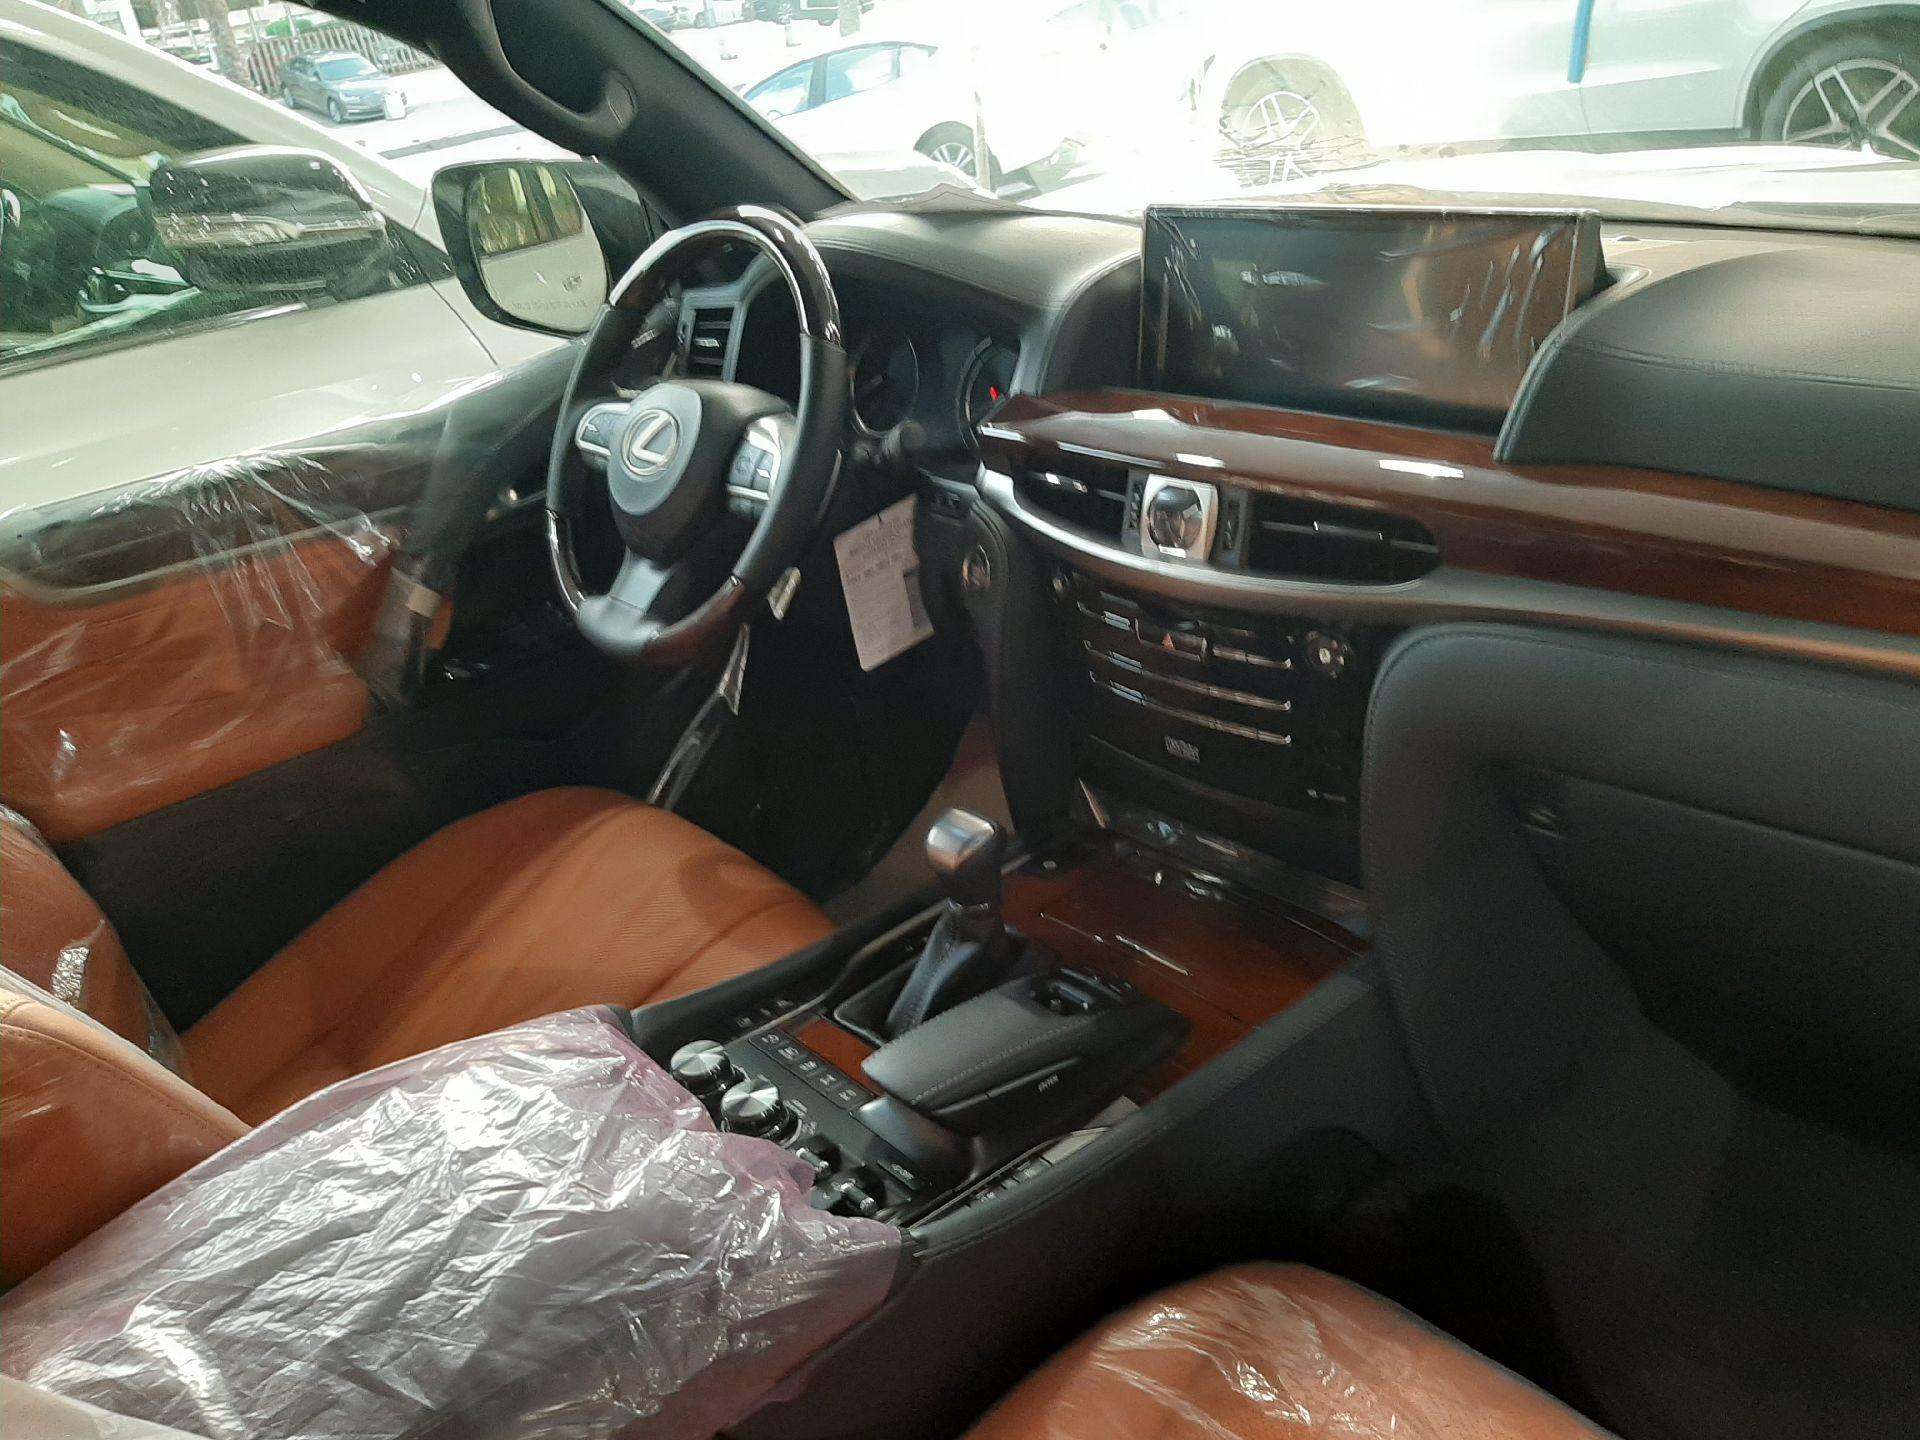 مباع - لكزس LX570  دايموند 2020 خليجي فل جديد للبيع في الرياض - السعودية - صورة كبيرة - 12